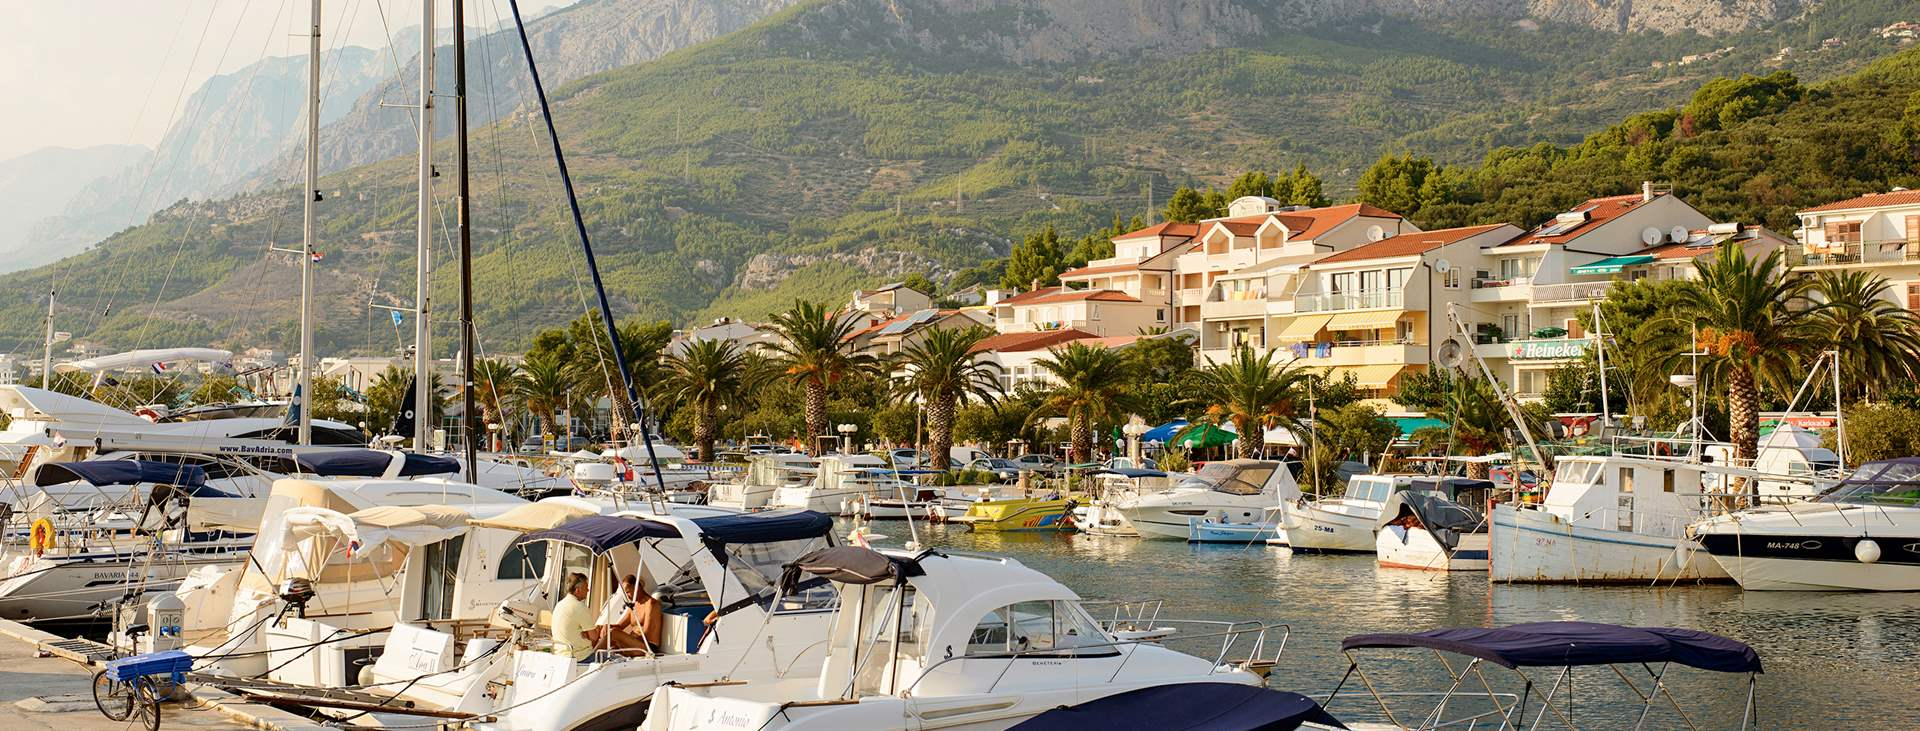 Reiser til Tupeci på Makarska-rivieraen i Kroatia